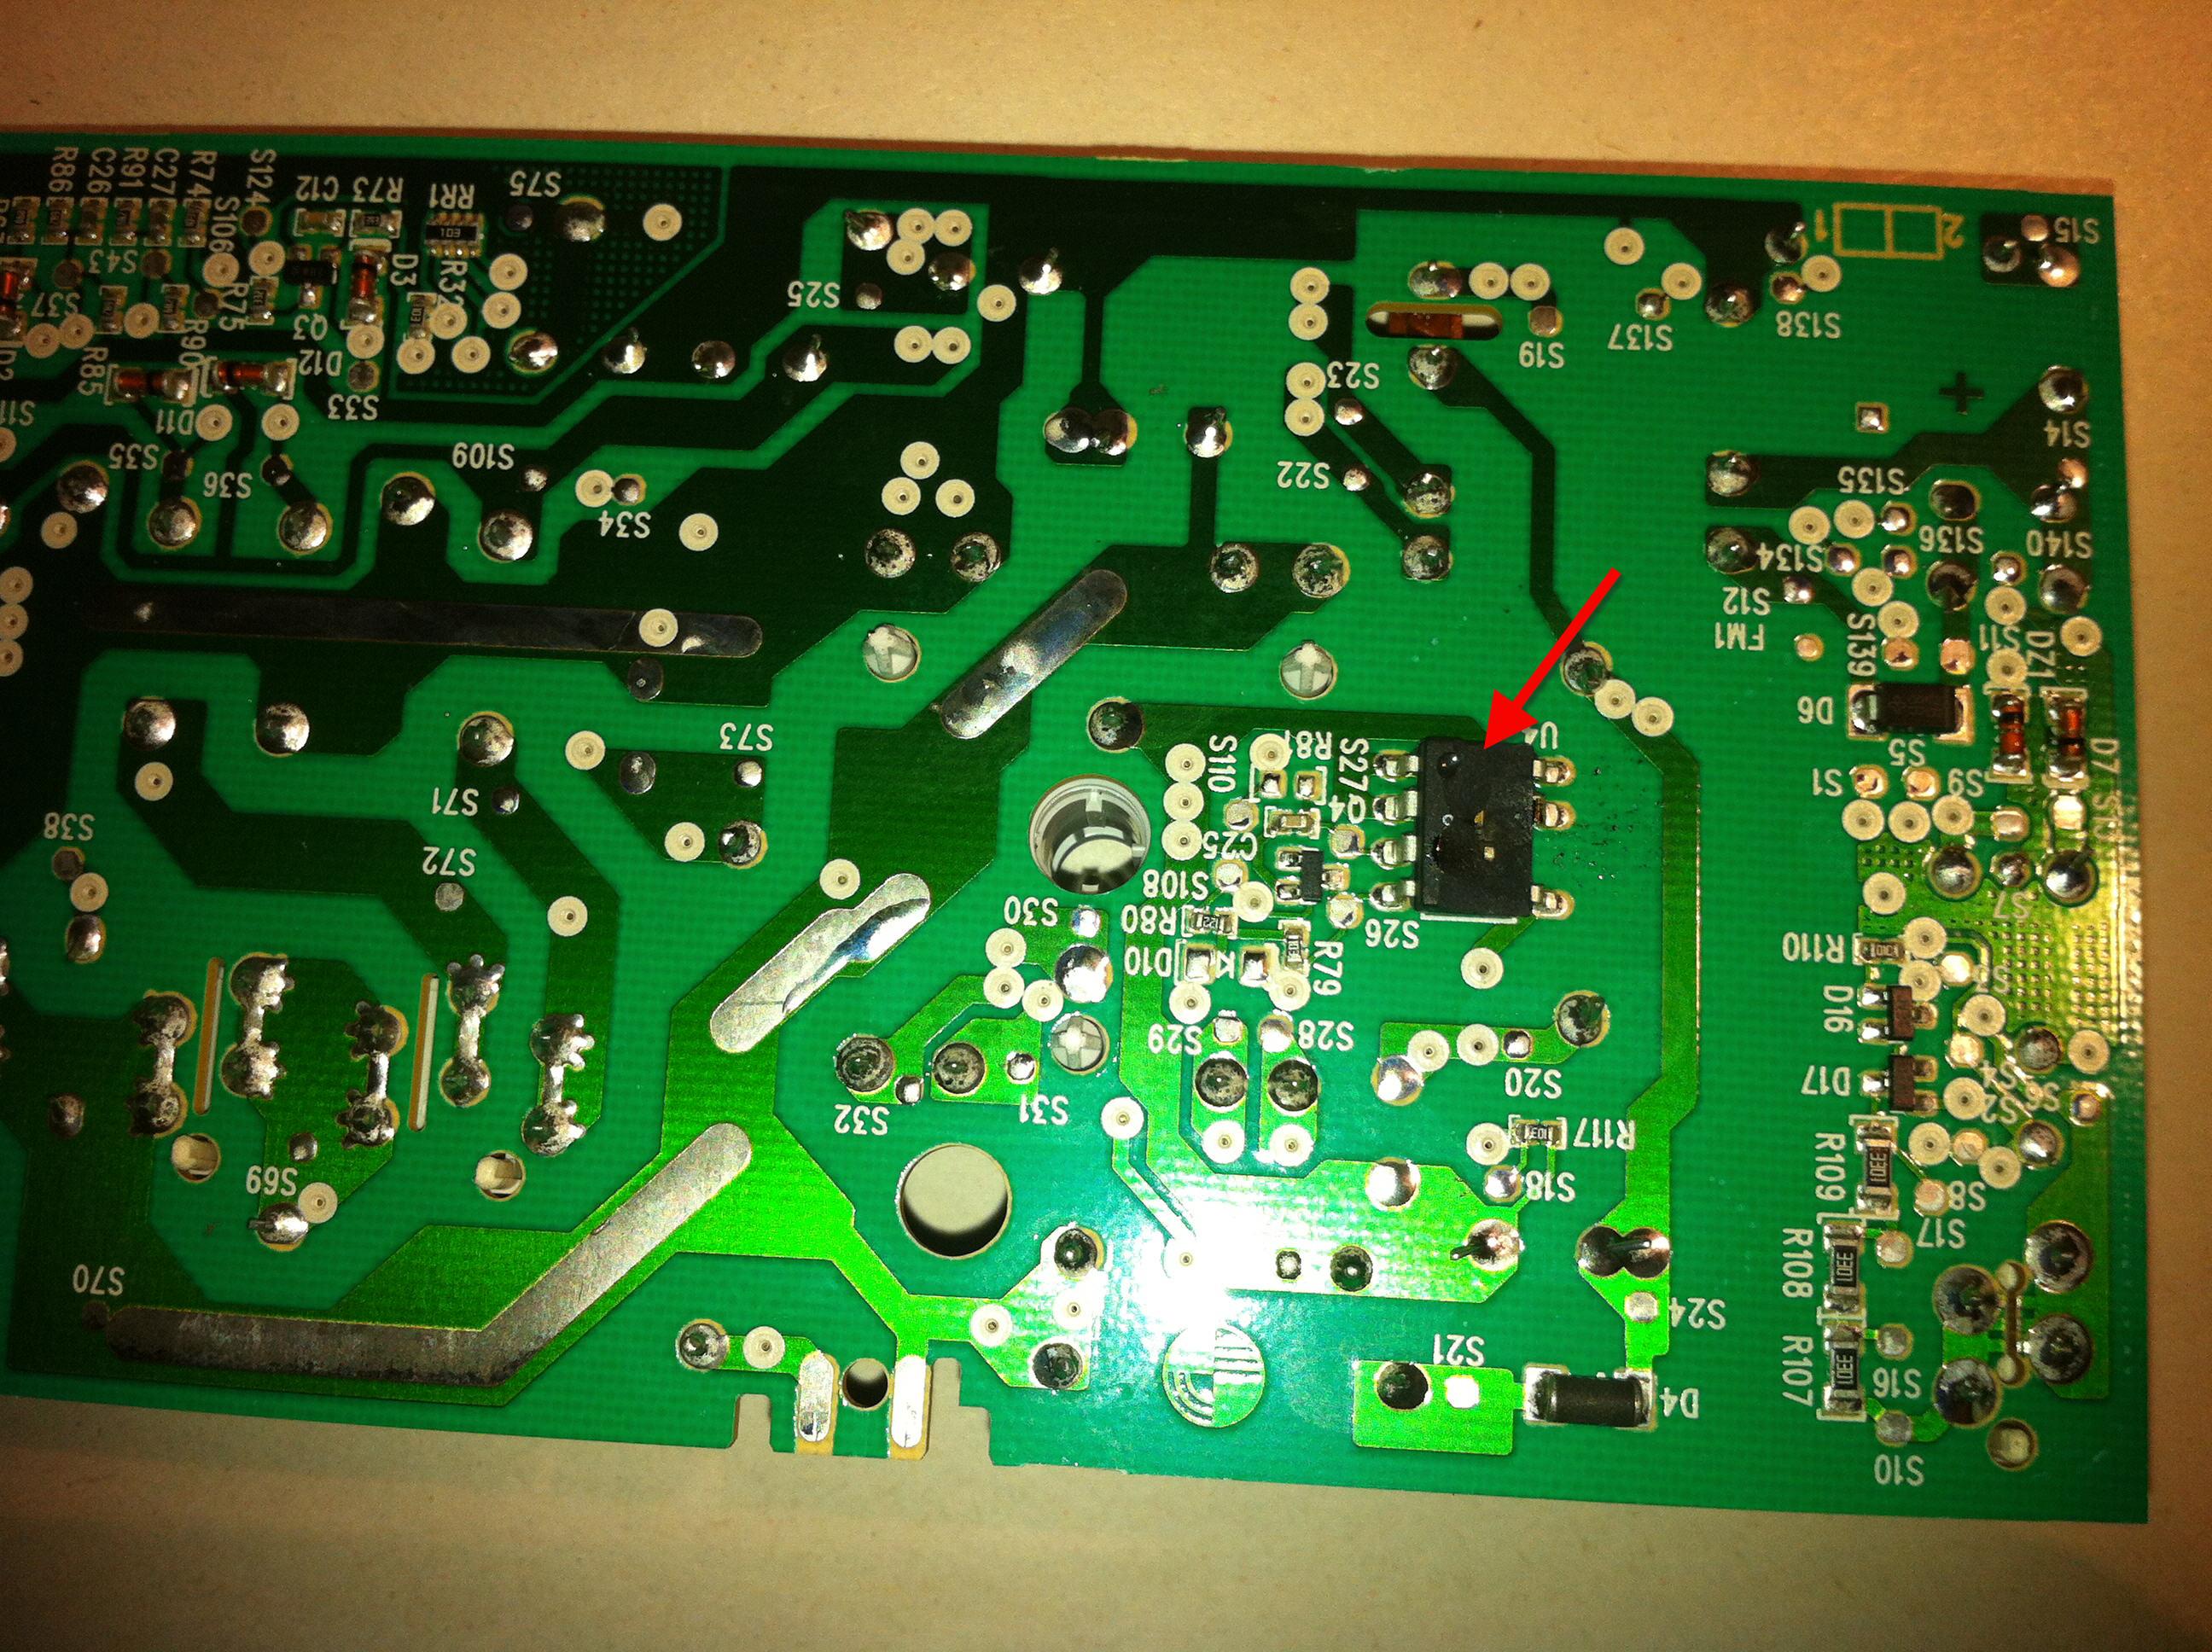 http://www.mikrocontroller.net/attachment/189082/LavamatSchaltnetzteil2.jpg